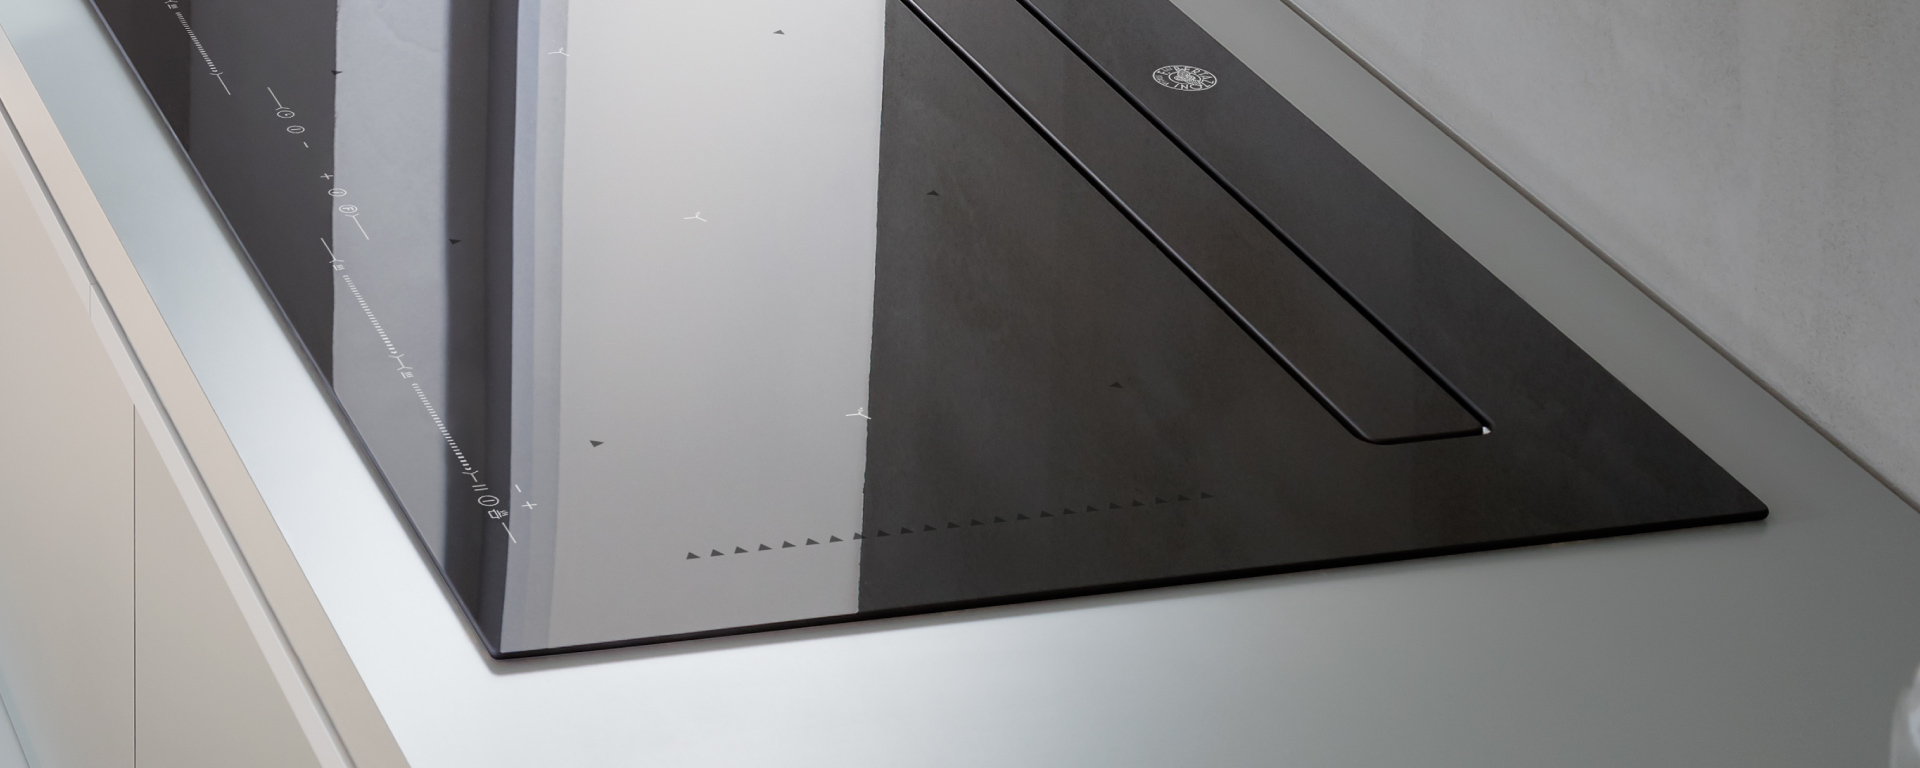 Индукционная варочная панель со встроенной вытяжкой Bertazzoni P904IBHNE